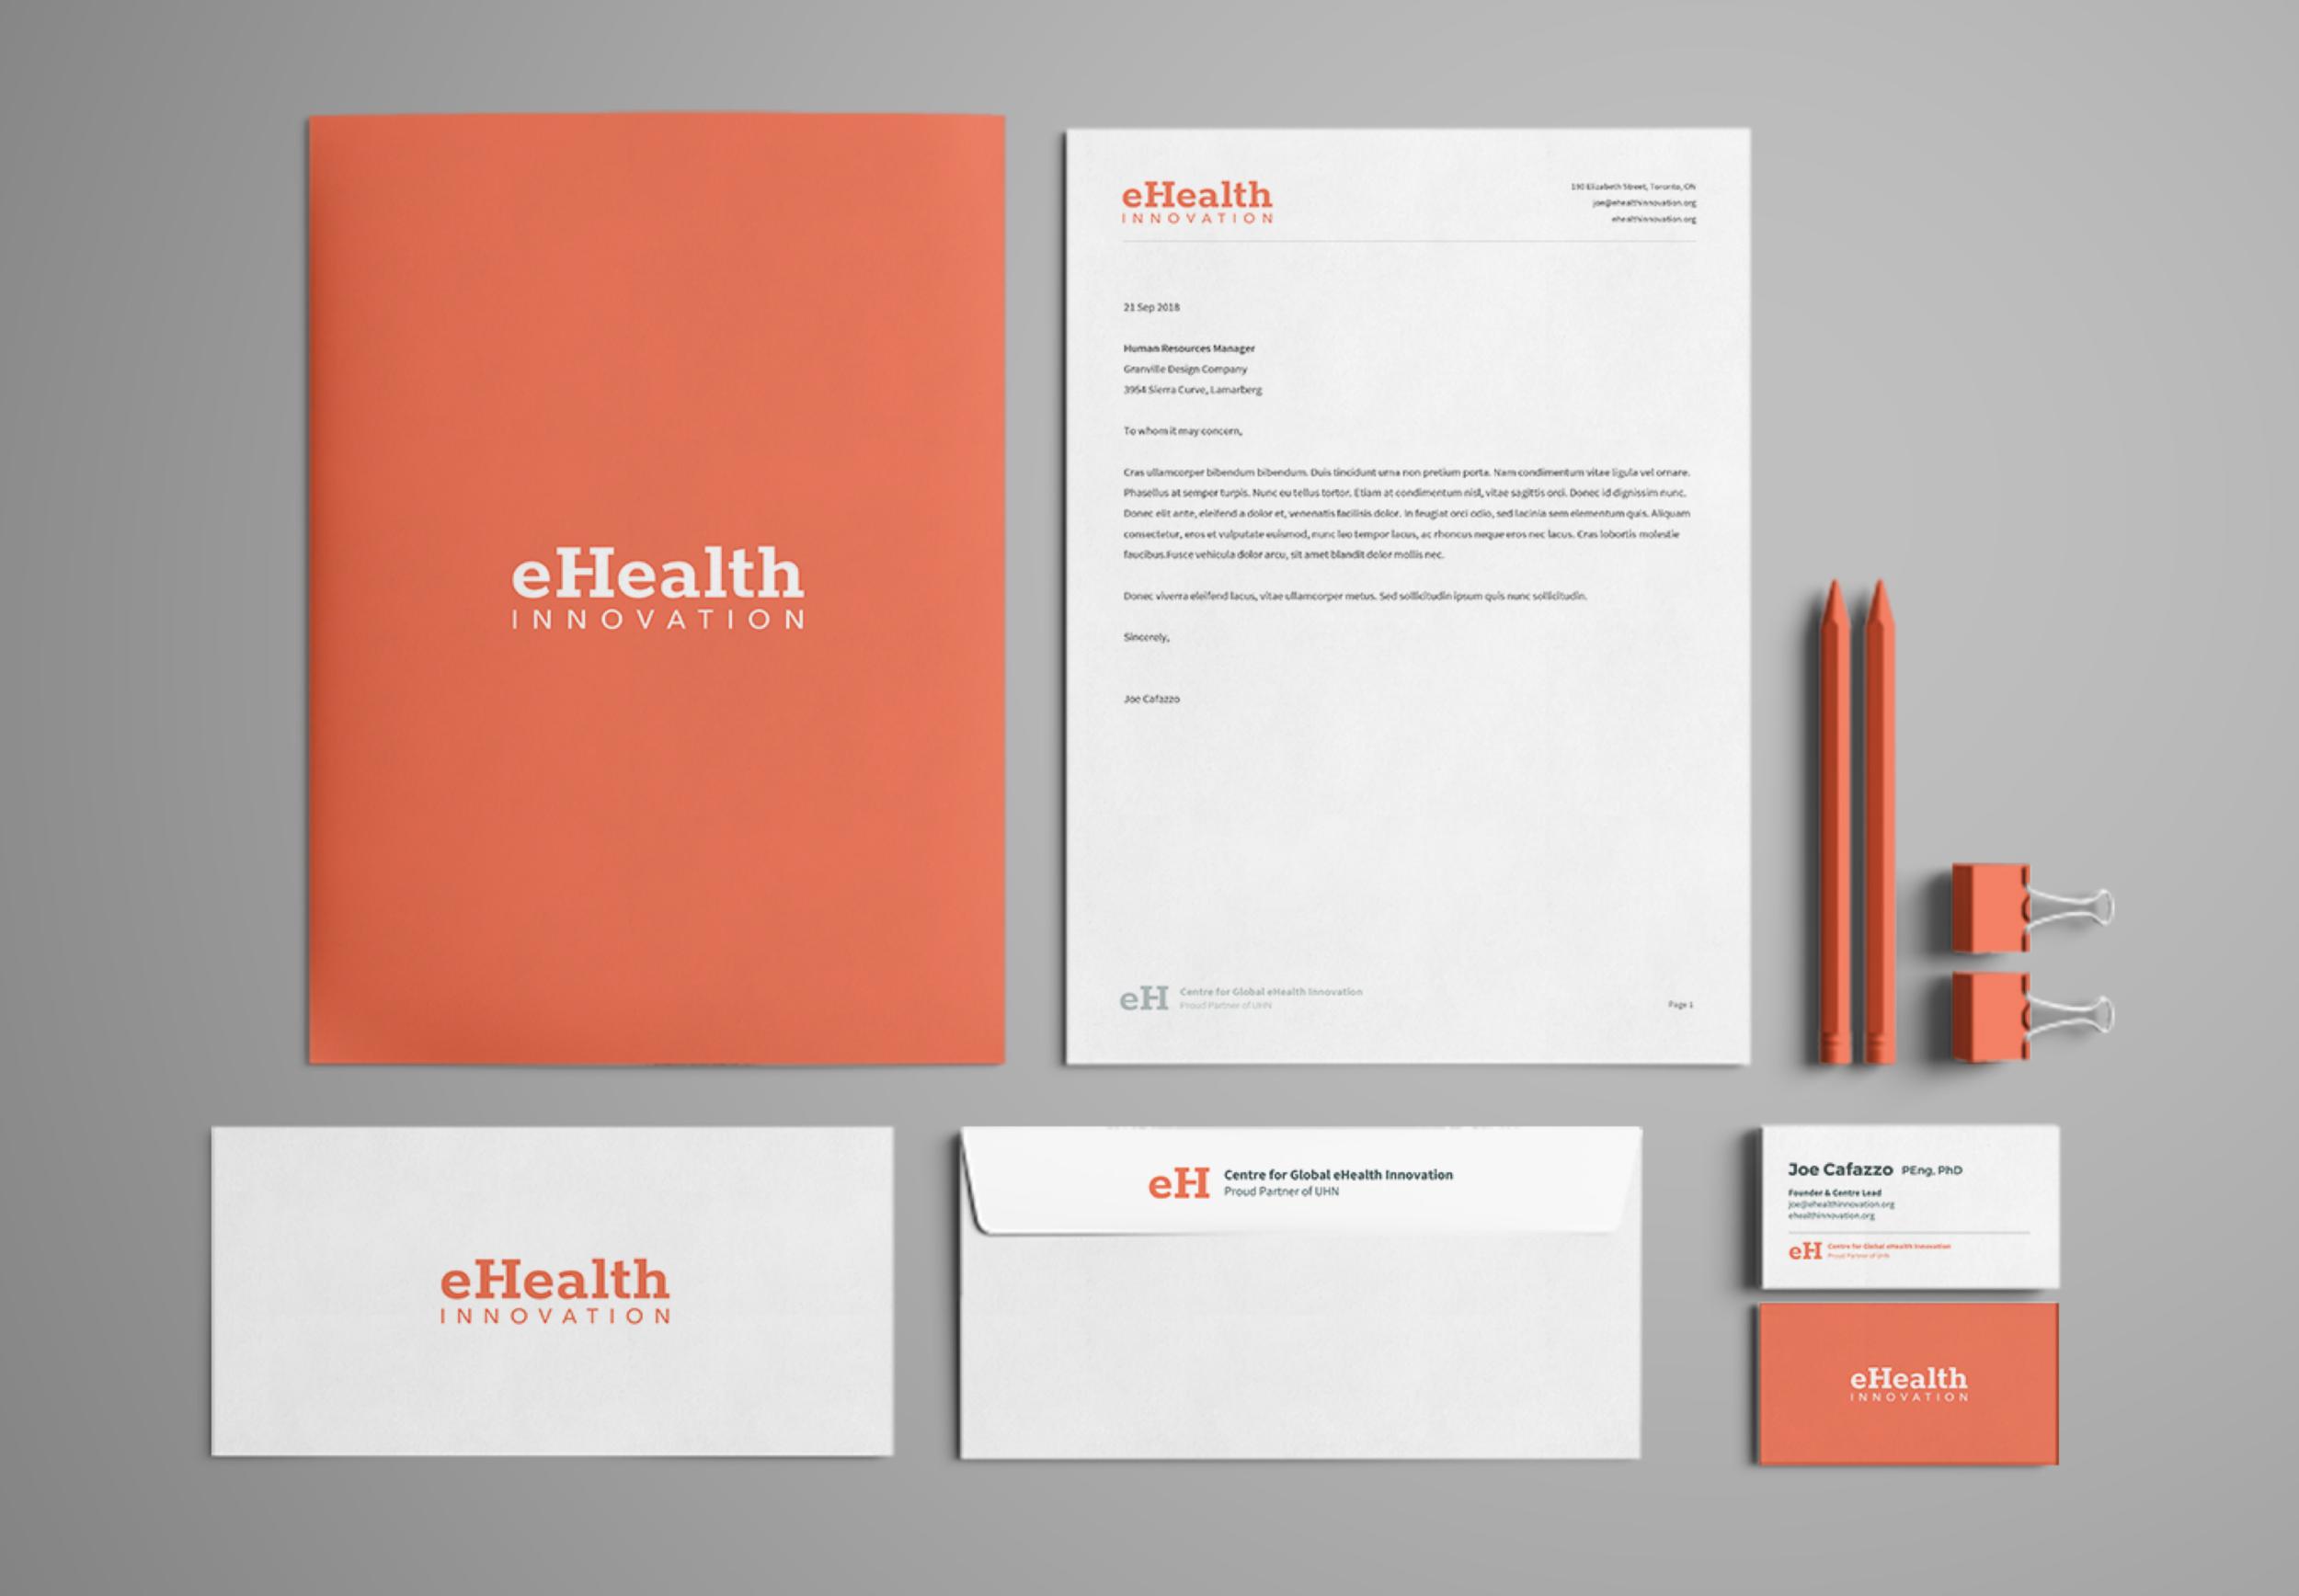 eHealth Innnovation Rebrand Slide 08.png